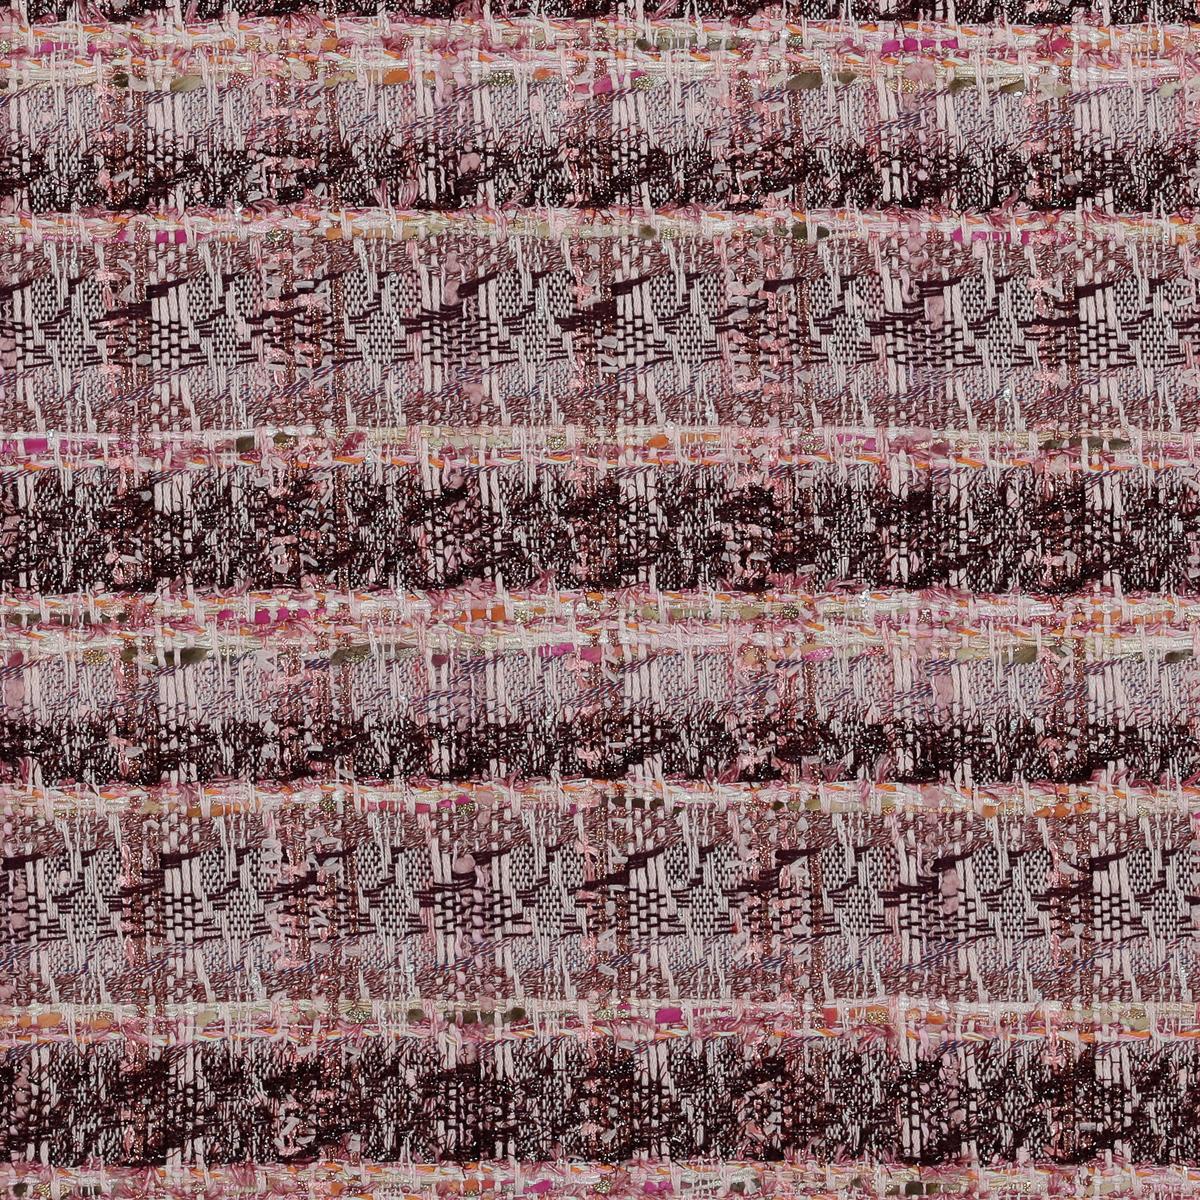 """Рогожка из фасонных нитей нежных оттенков розового, сиреневого и """"медными"""" акцентами"""